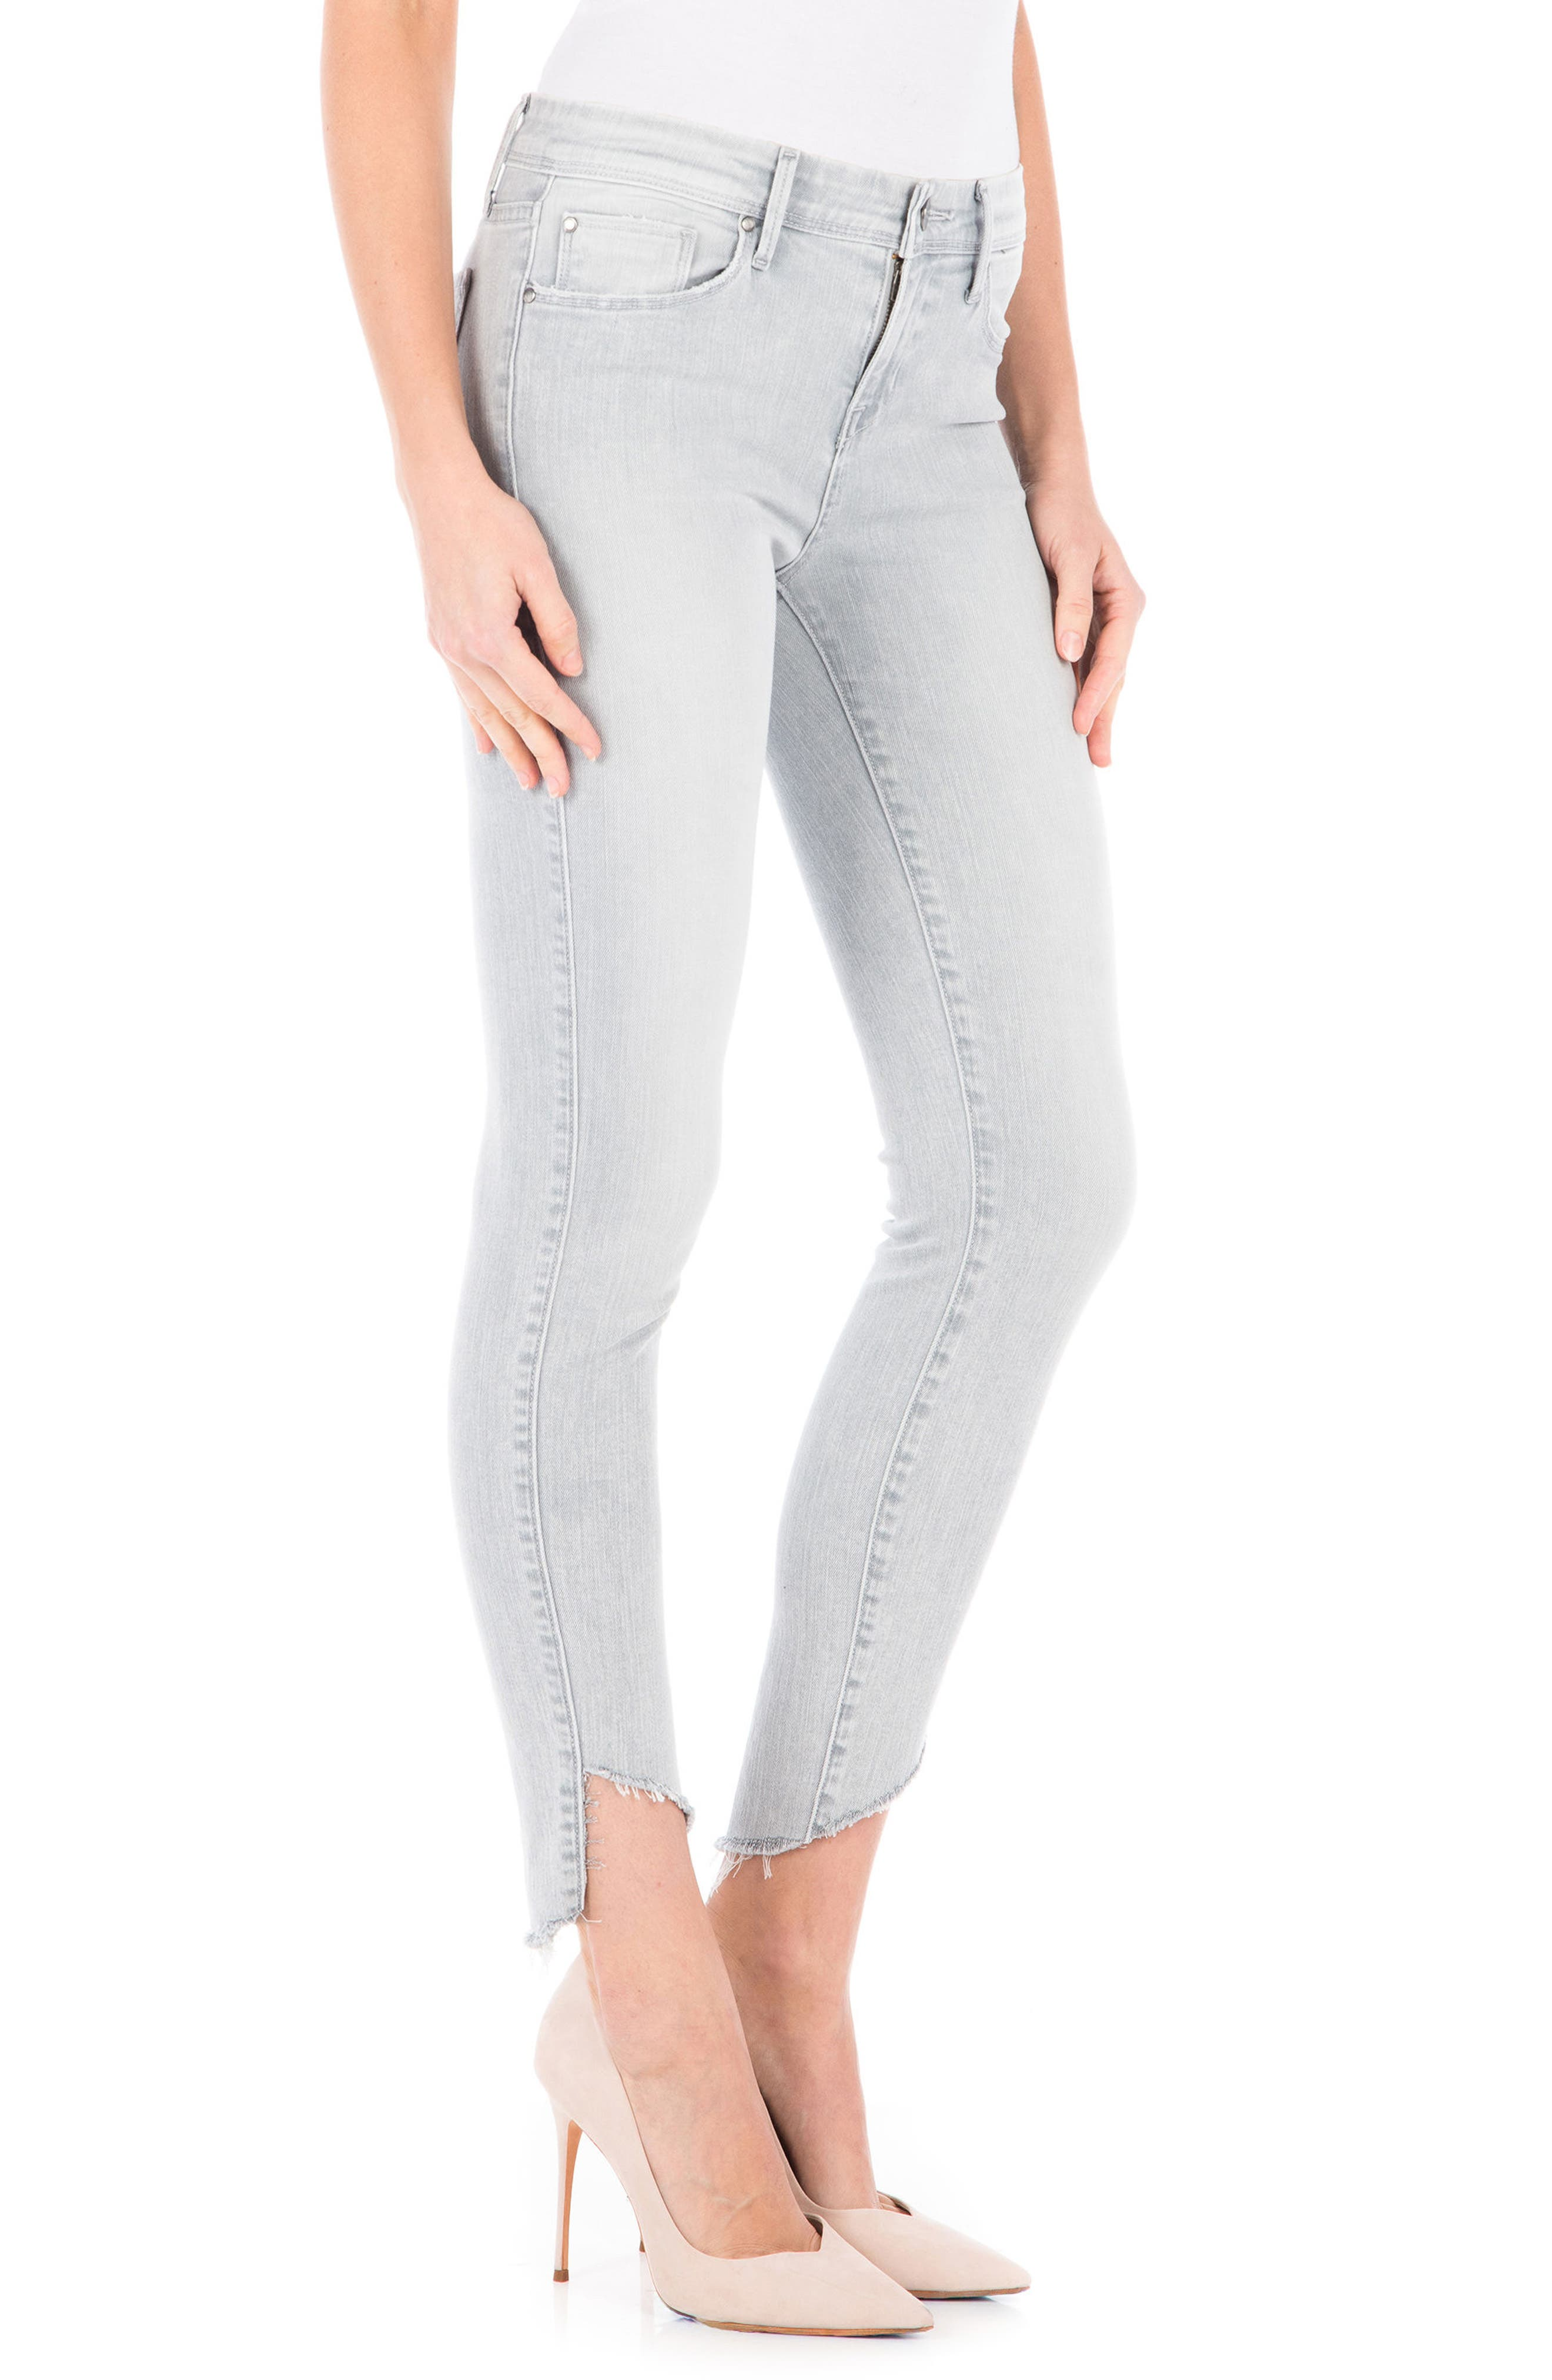 Sola Skinny Jeans,                             Alternate thumbnail 3, color,                             Quartz